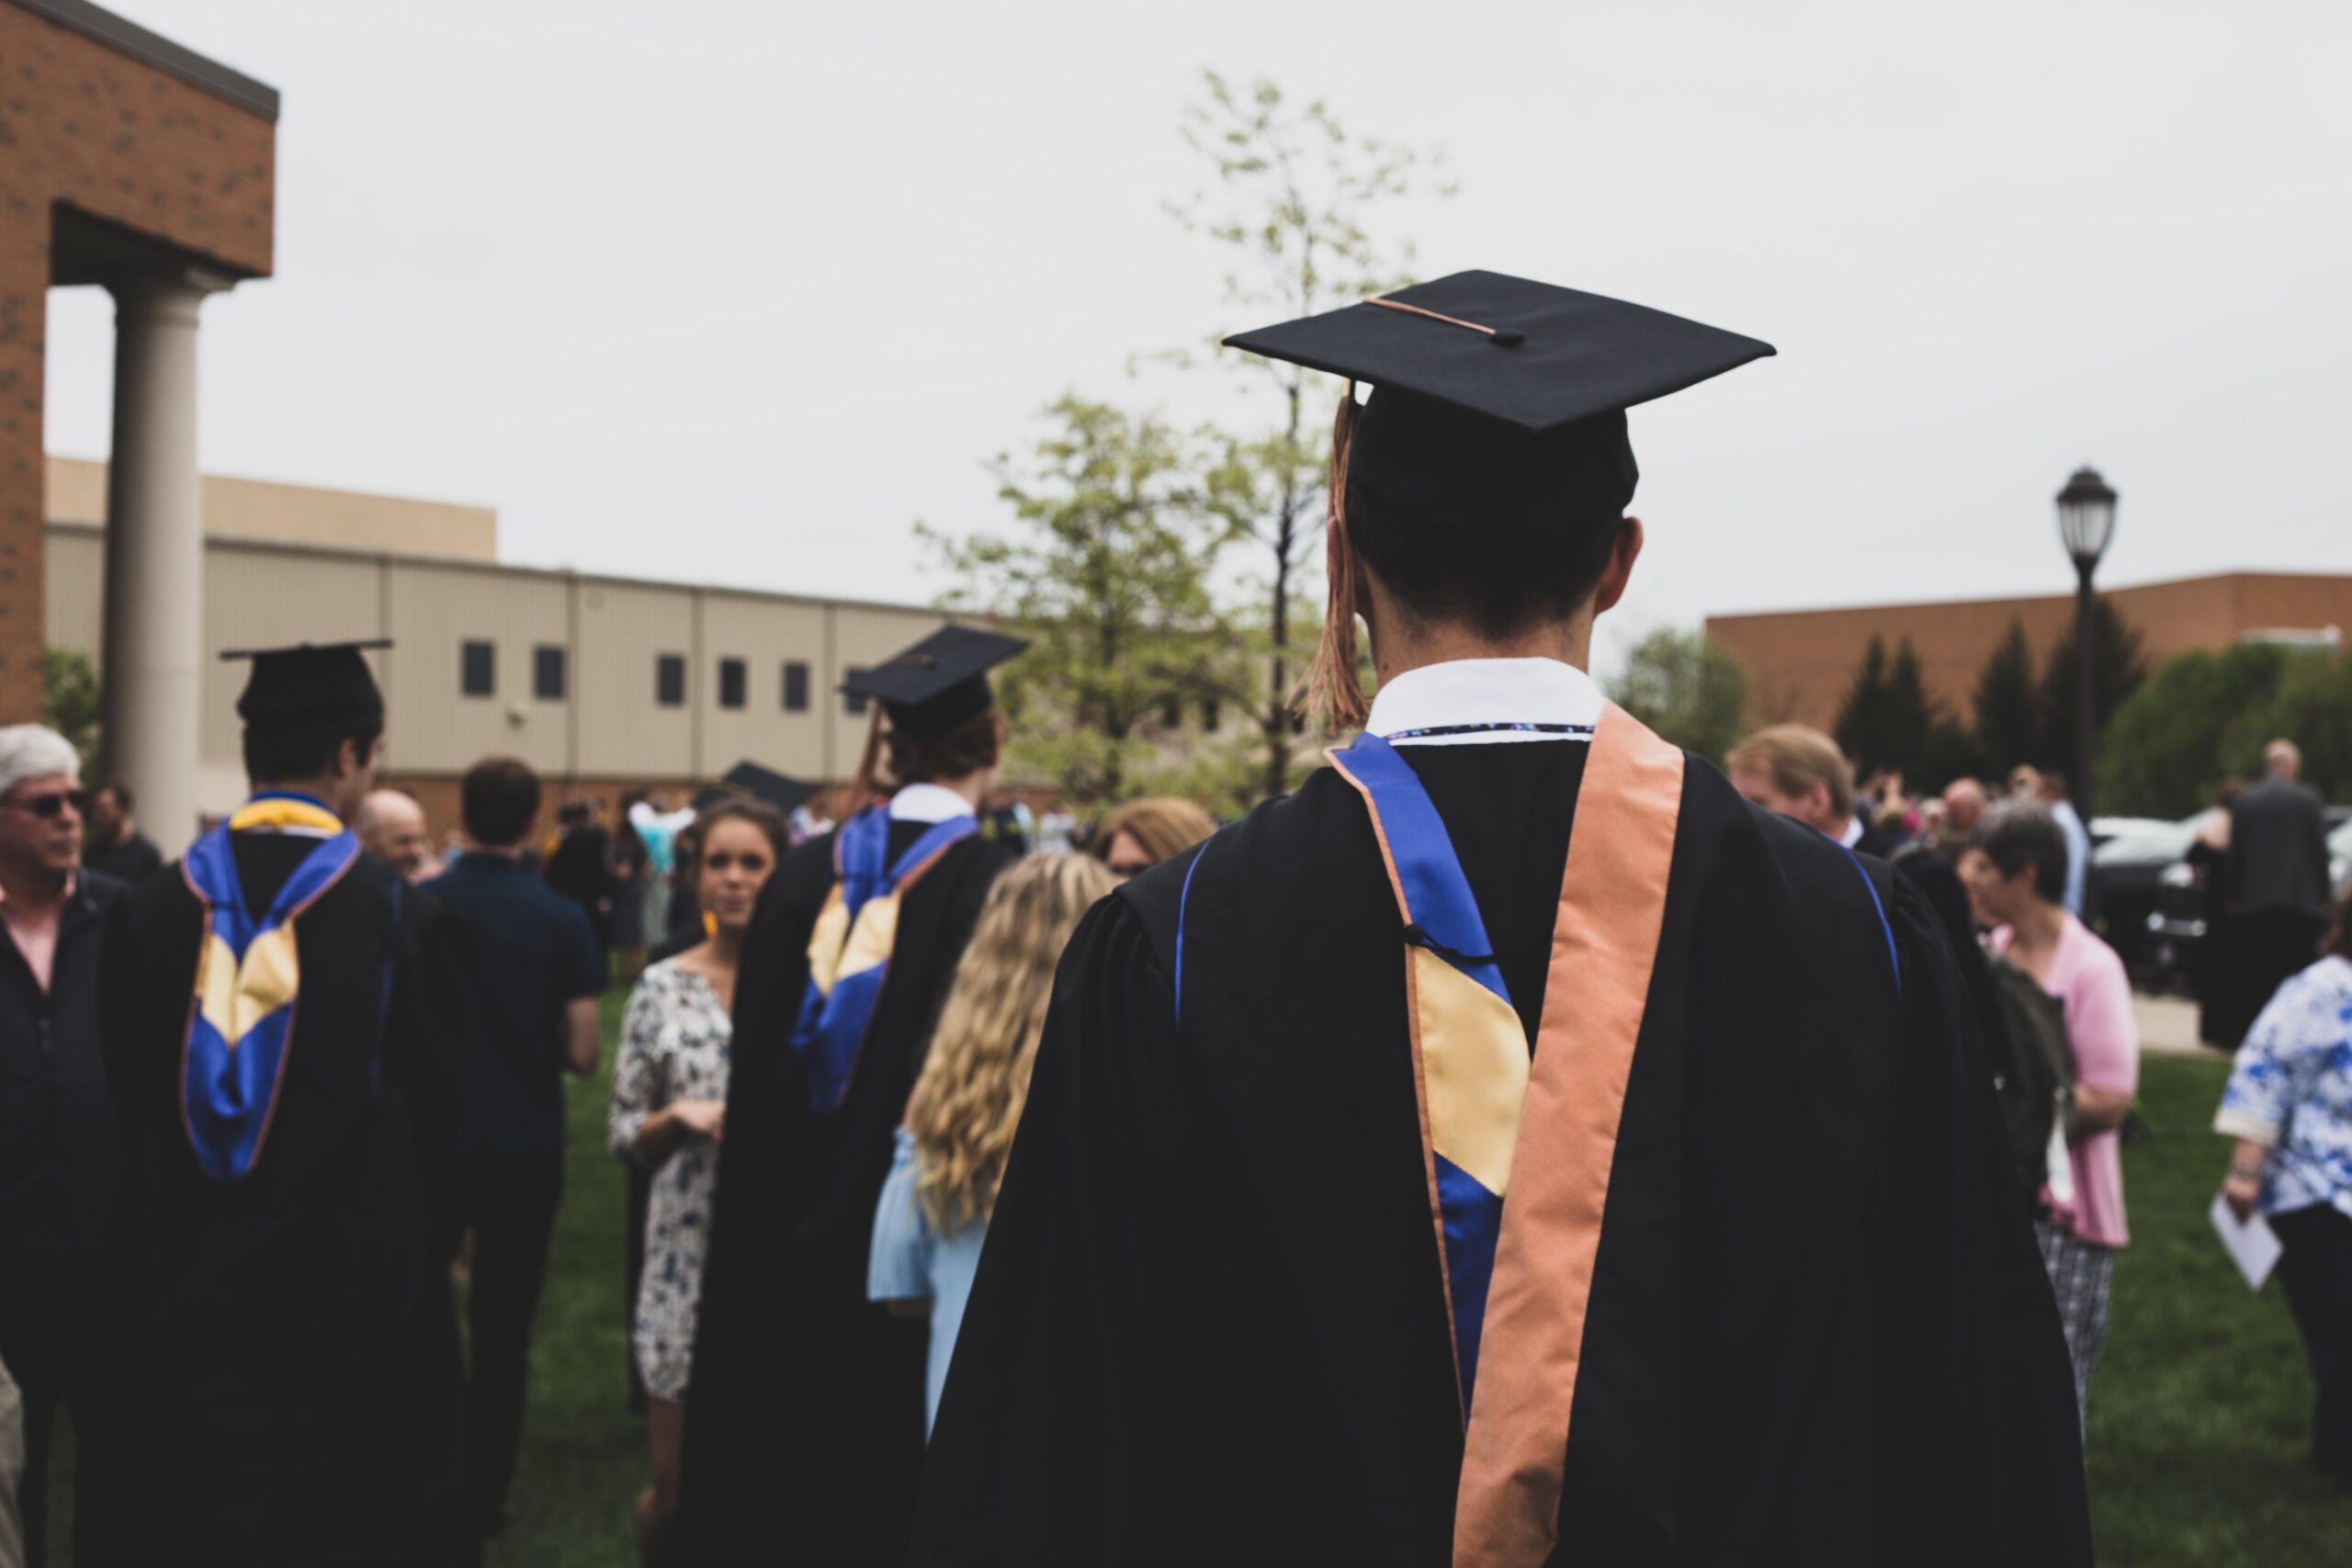 L'impatto della crisi | La prossima emergenza potrebbe essere quella universitaria